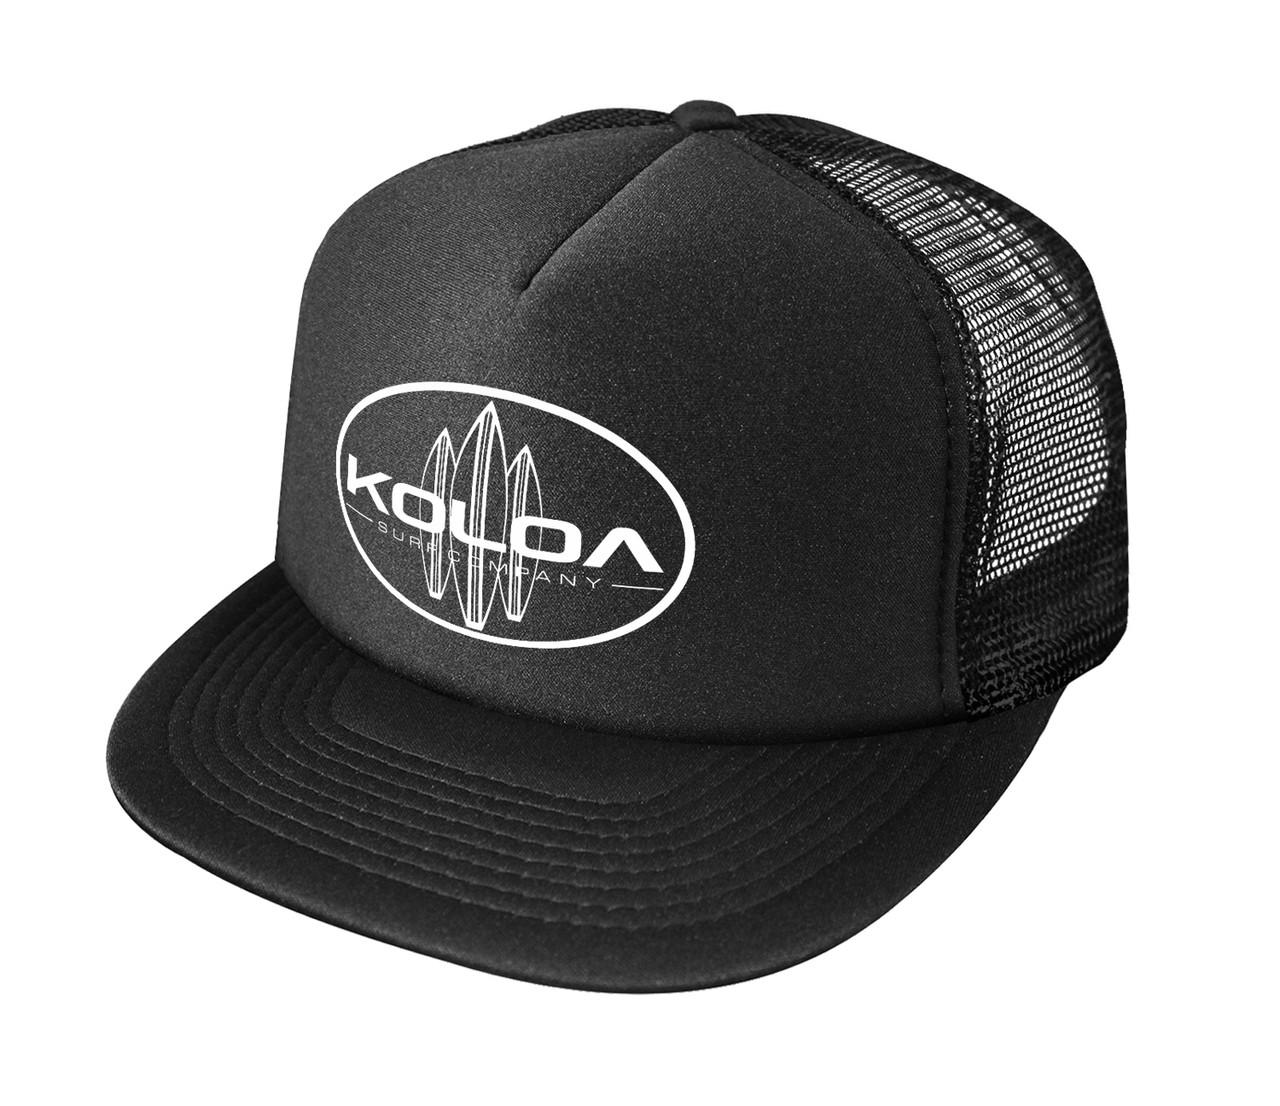 bf955488 Koloa Surf Classic Surfboards Poly Foam High Profile Trucker Hats- Black/w